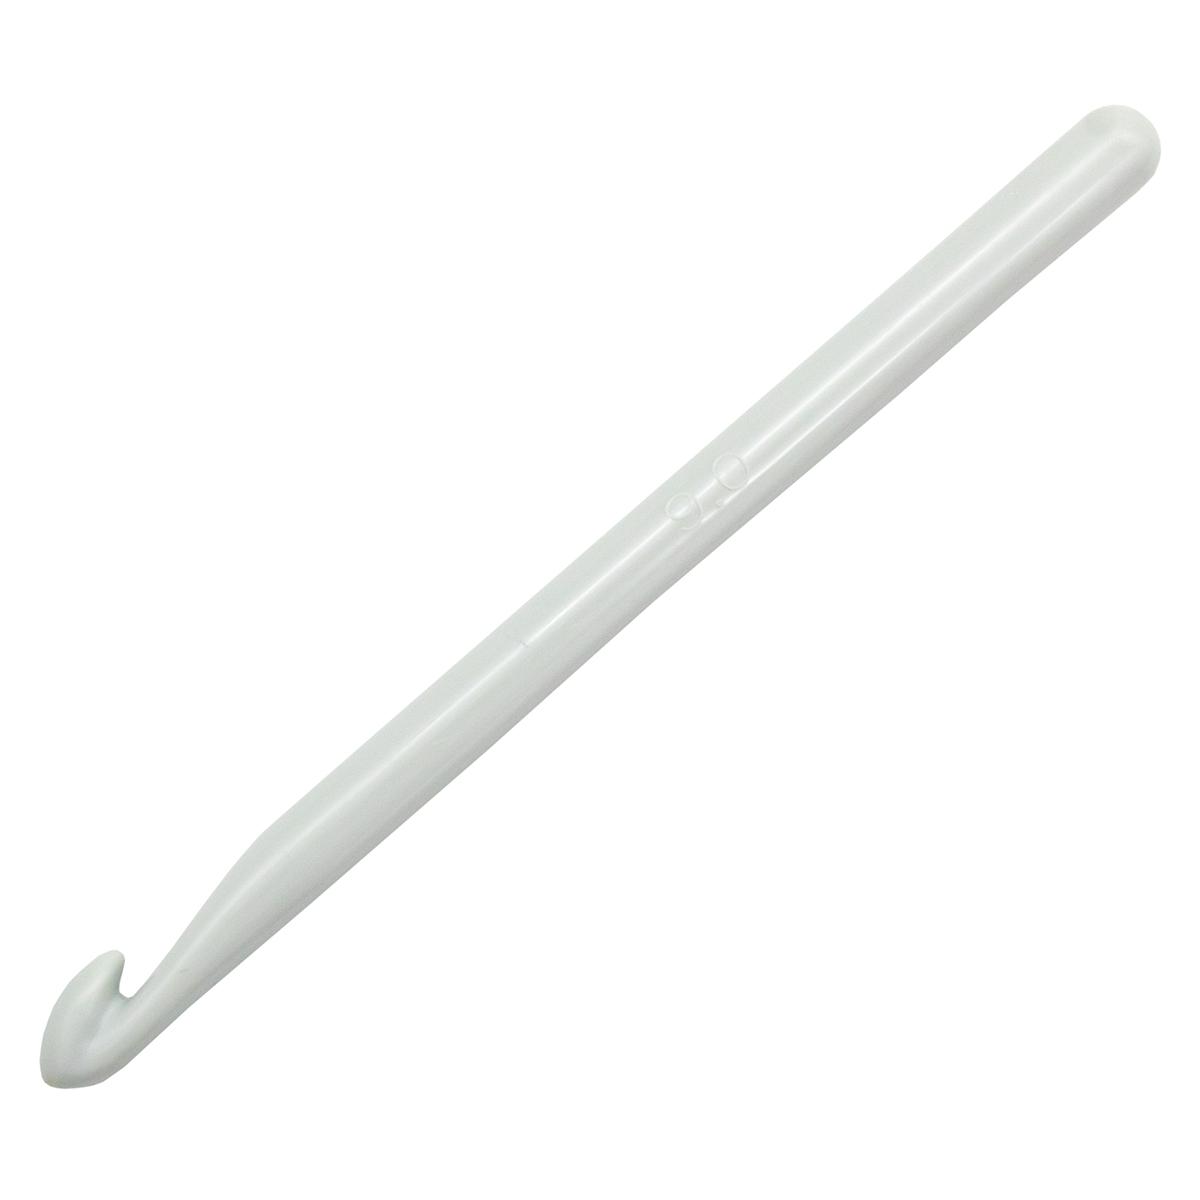 218502 Крючок для вязания, пластик, 9 мм*14 см, Prym